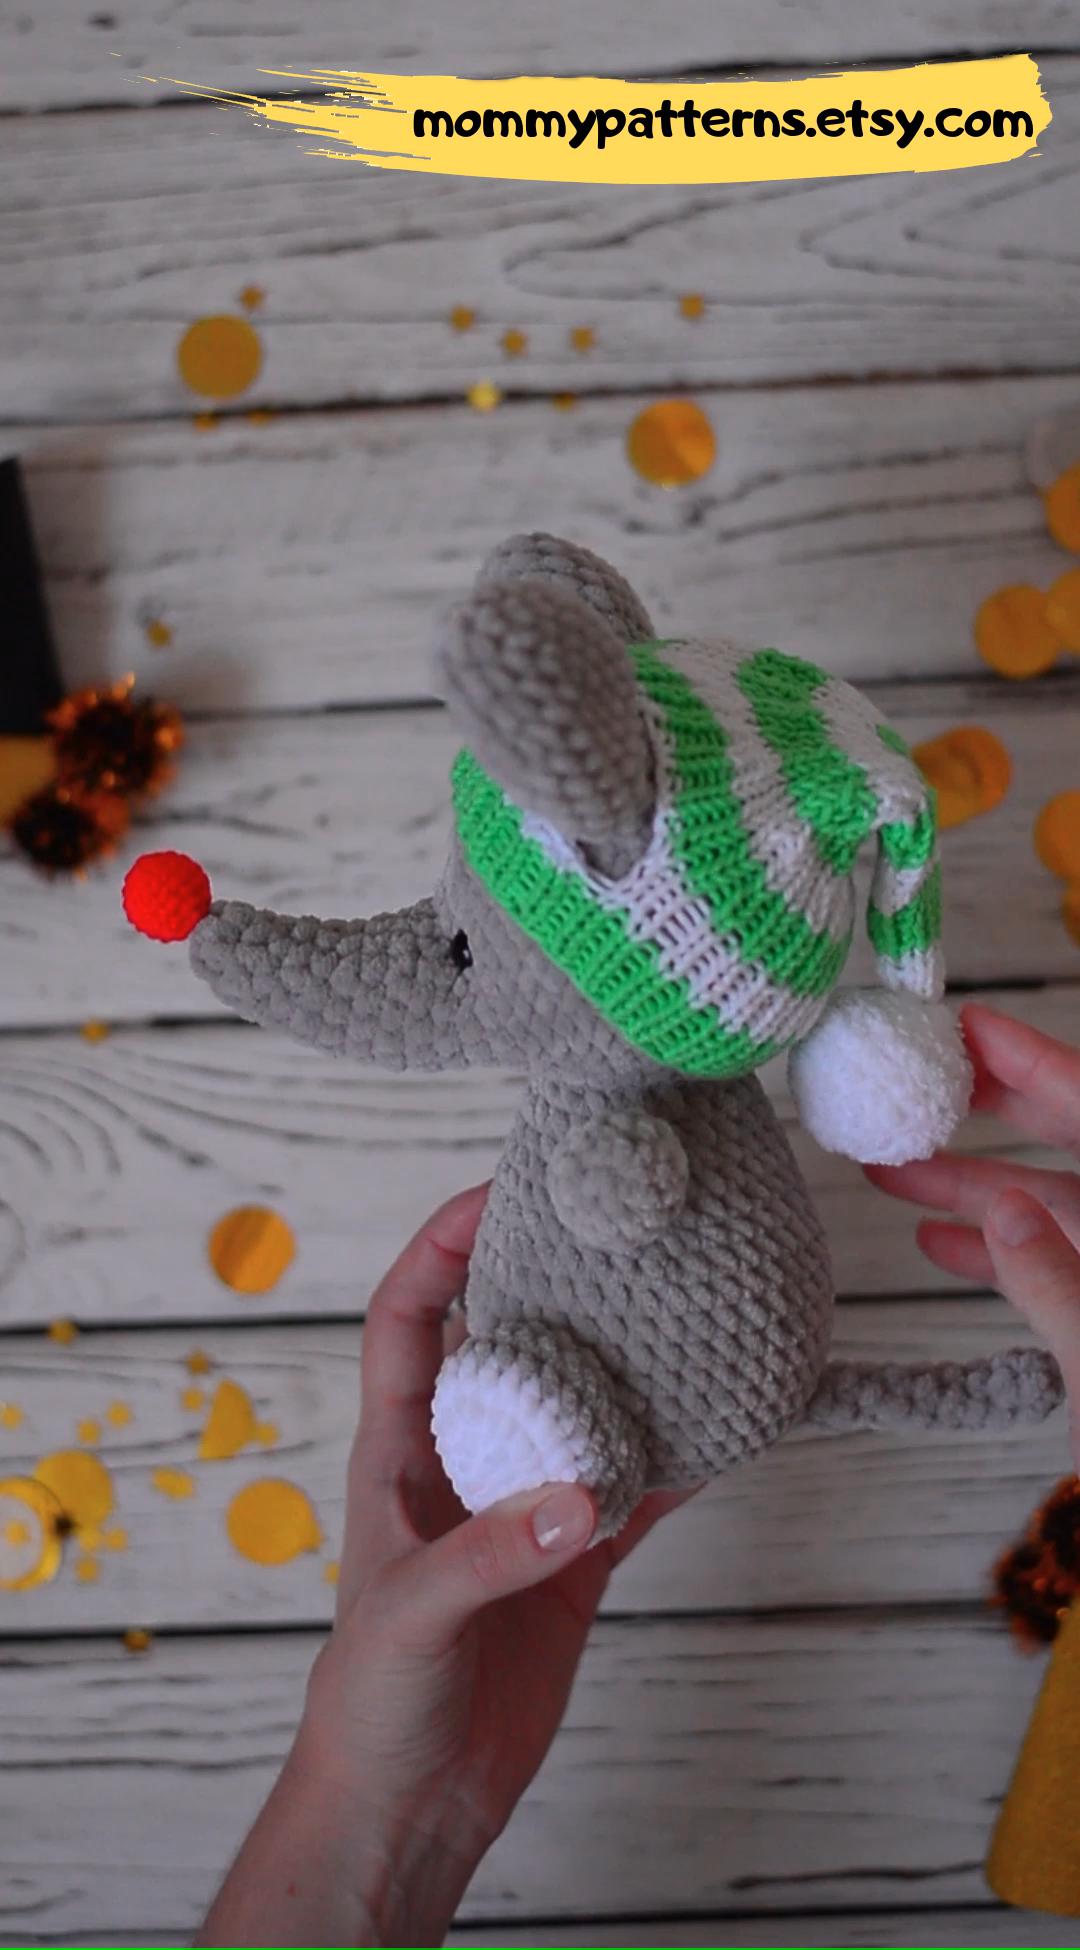 Crochet Pattern Mouse Crochet Pattern Mouse Amigurumi Etsy Video Video Crochet Patterns Amigurumi Pattern Crochet